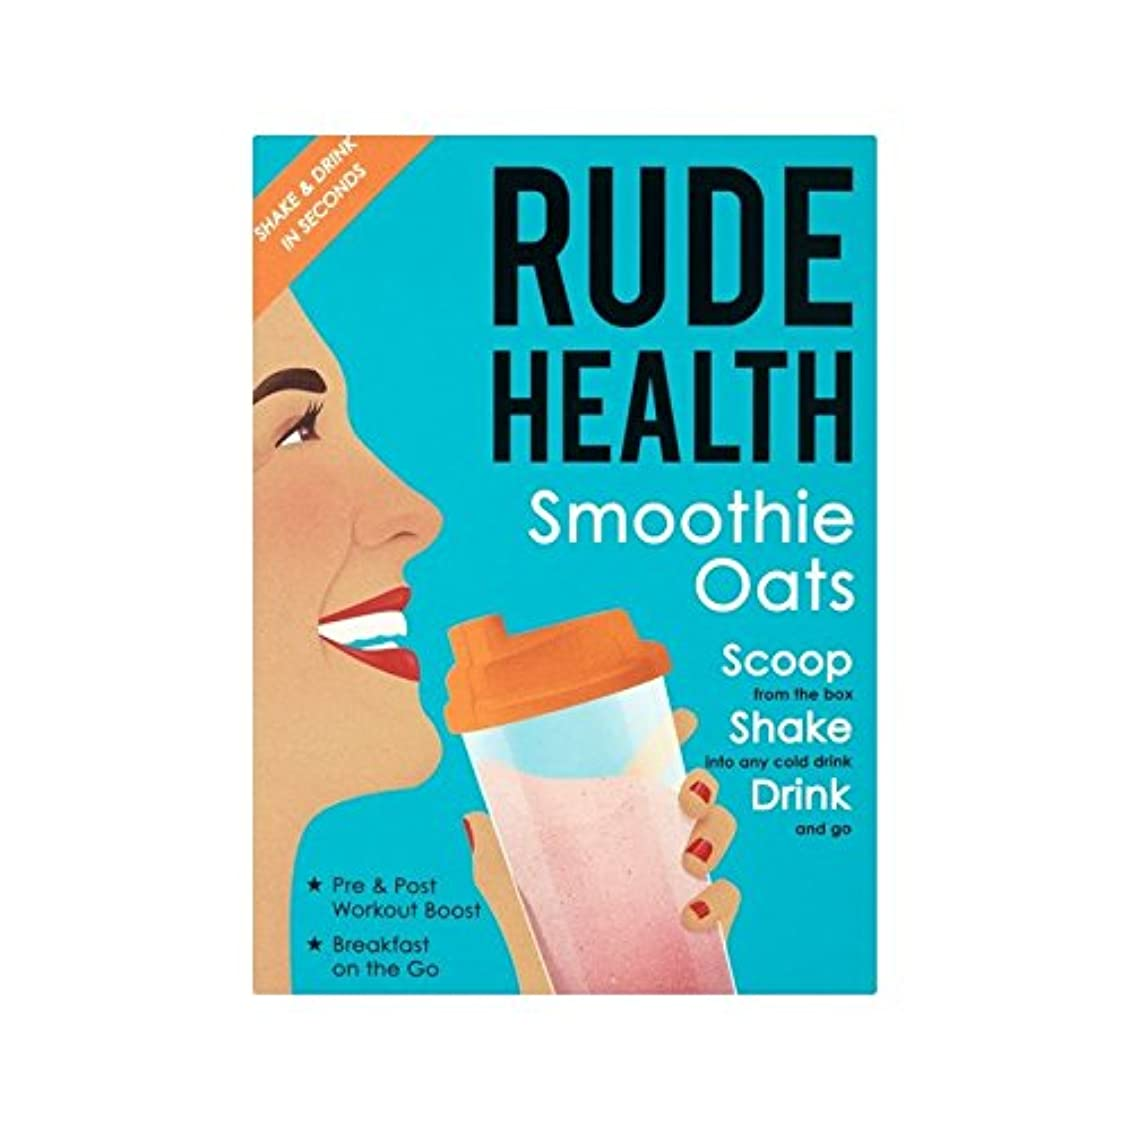 擬人リングレット症候群スムージーオート麦250グラム (Rude Health) (x 4) - Rude Health Smoothie Oats 250g (Pack of 4) [並行輸入品]